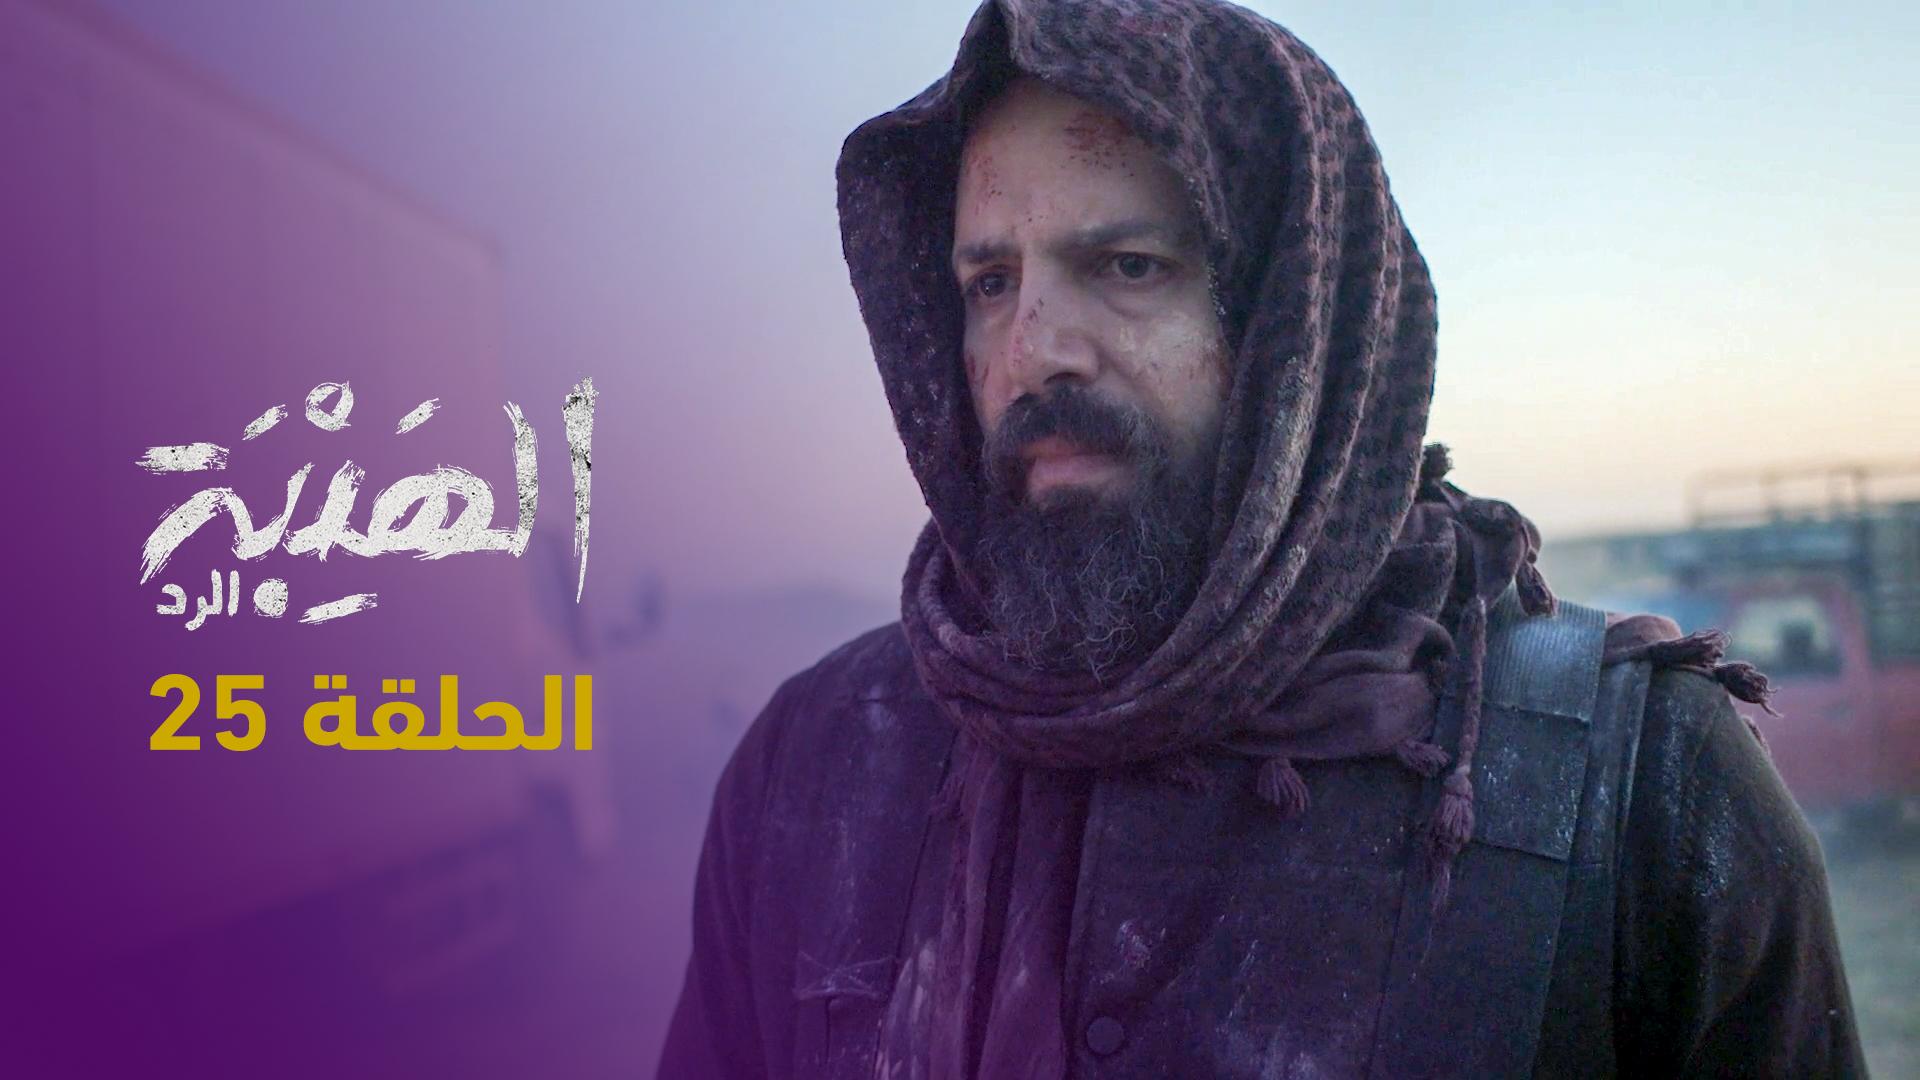 الهيبة 4 | الحلقة 25